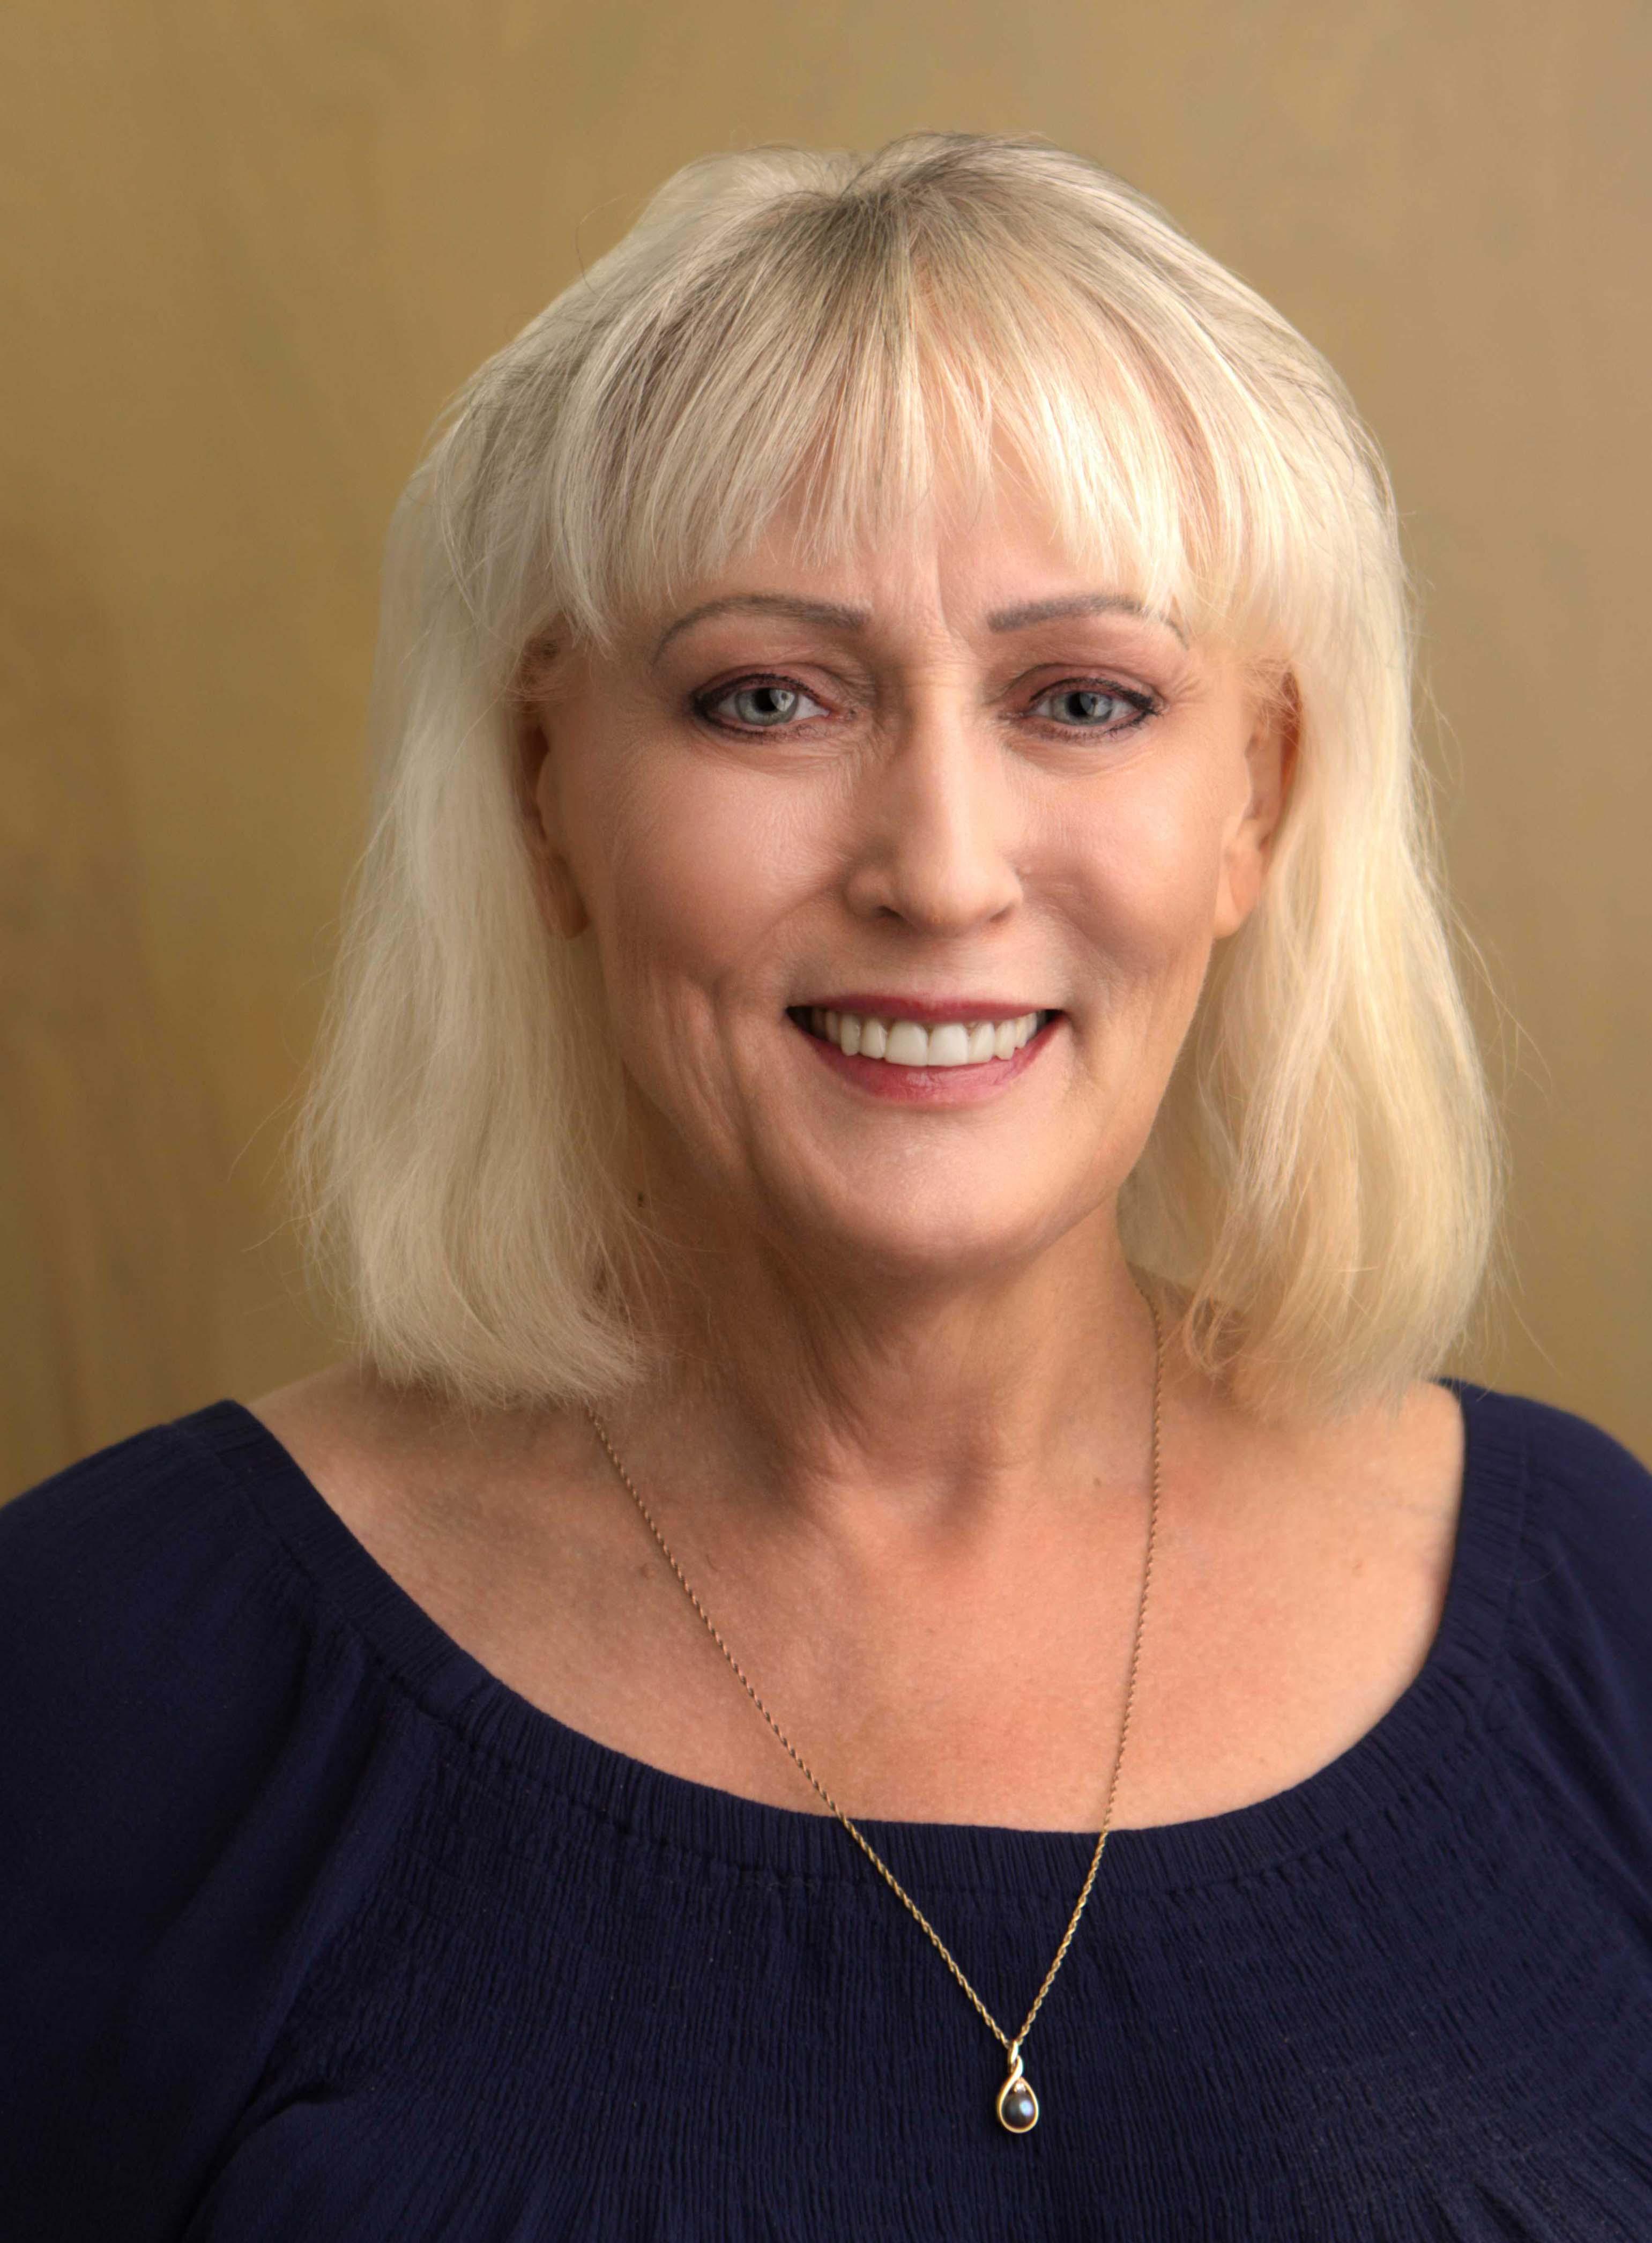 Lynn Talmadge